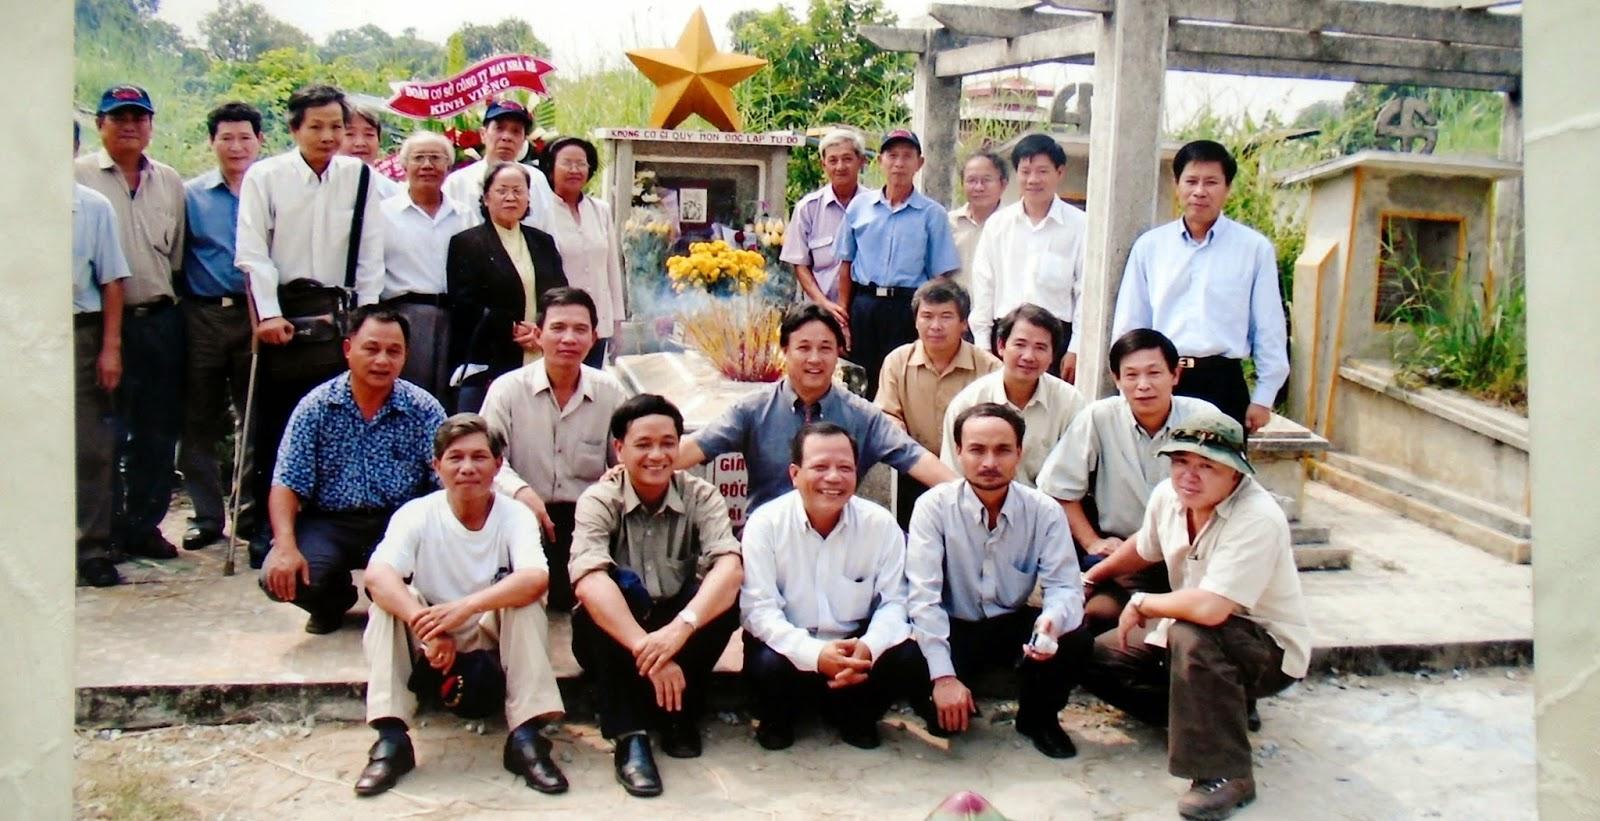 Ban Liên lạc phía Nam cùng thầy, cô giáo và chị Phan Thị Quyên viếng mộ anh Trỗi, ngày 15-10-2004.